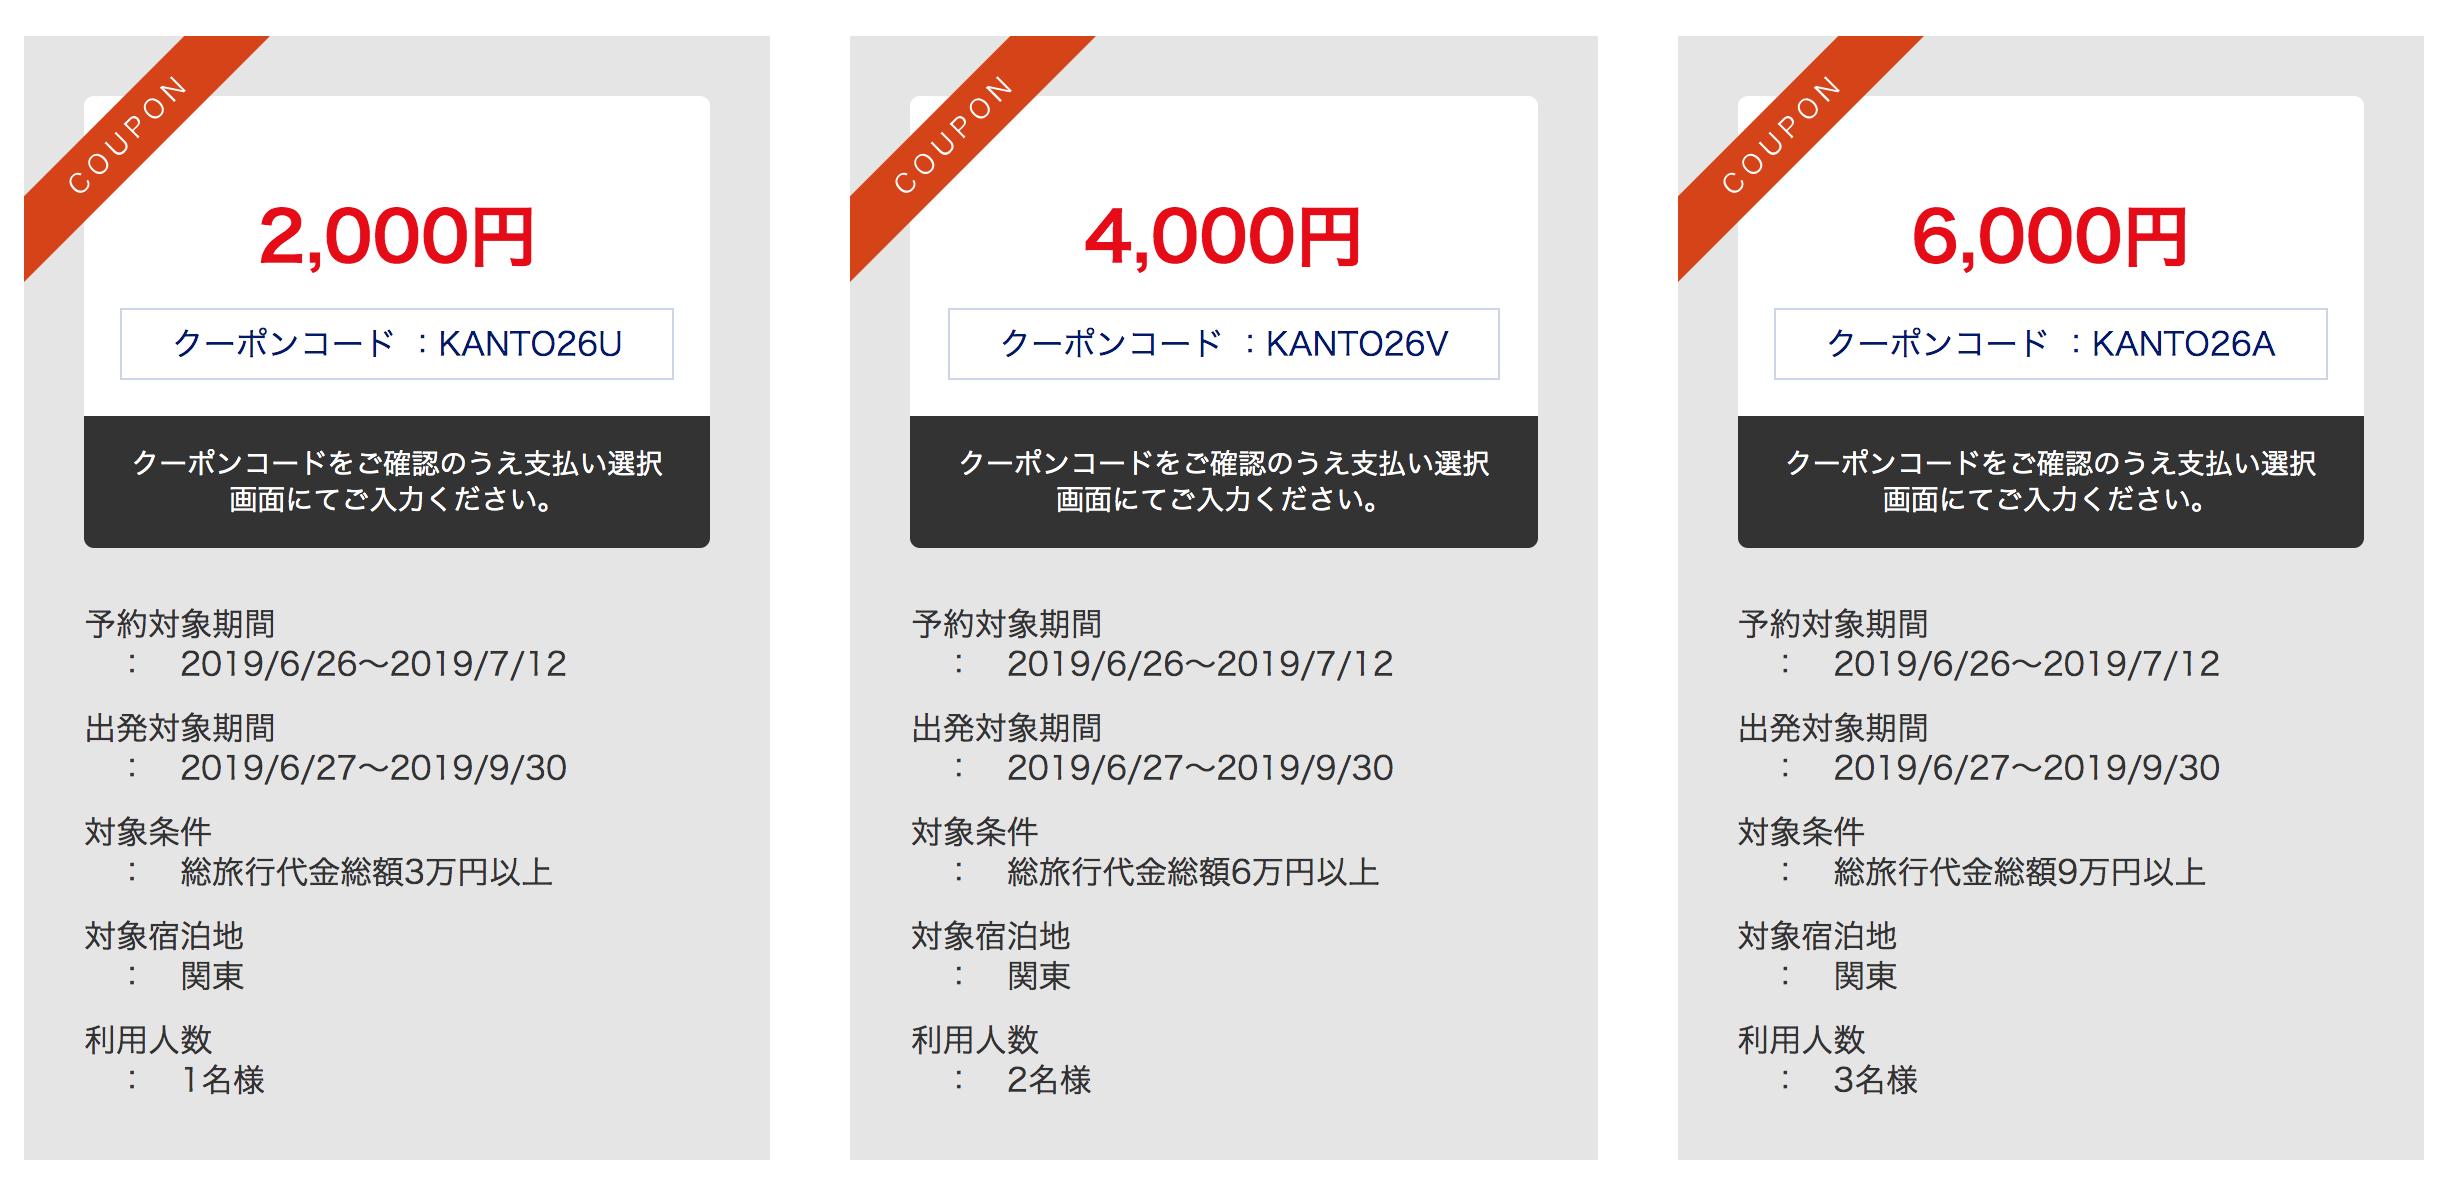 関東クーポン1